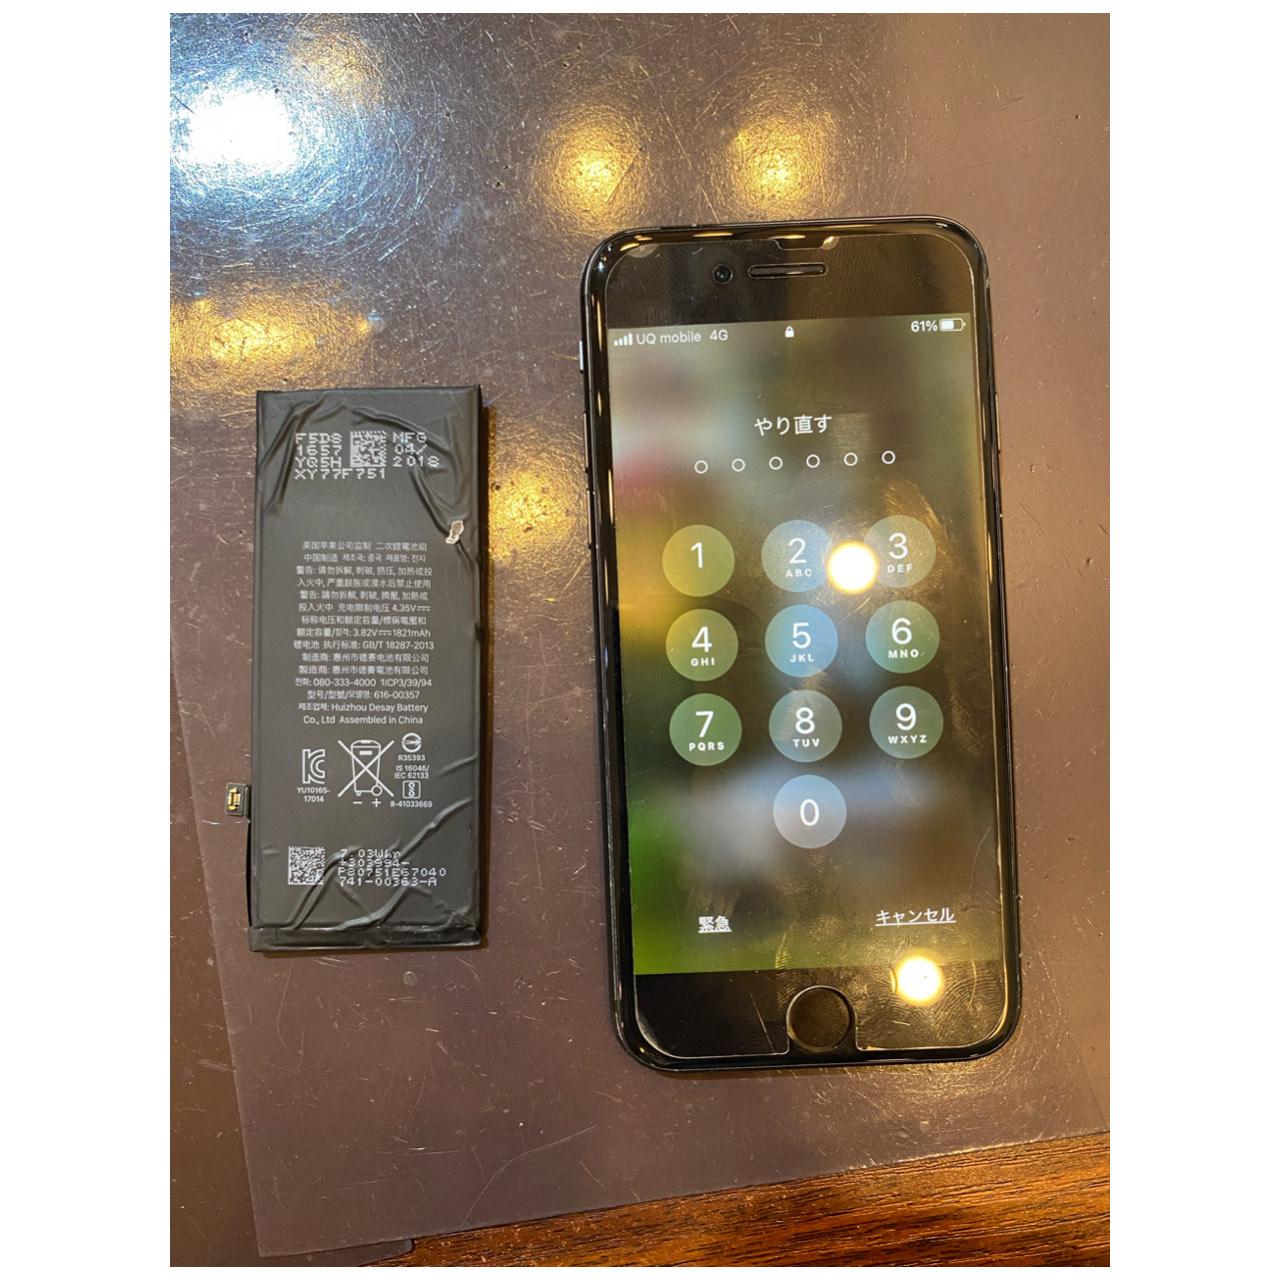 iPhone8 バッテリー交換 データそのまま即日最短30分修理 <伊丹市からお越しのお客様>ク